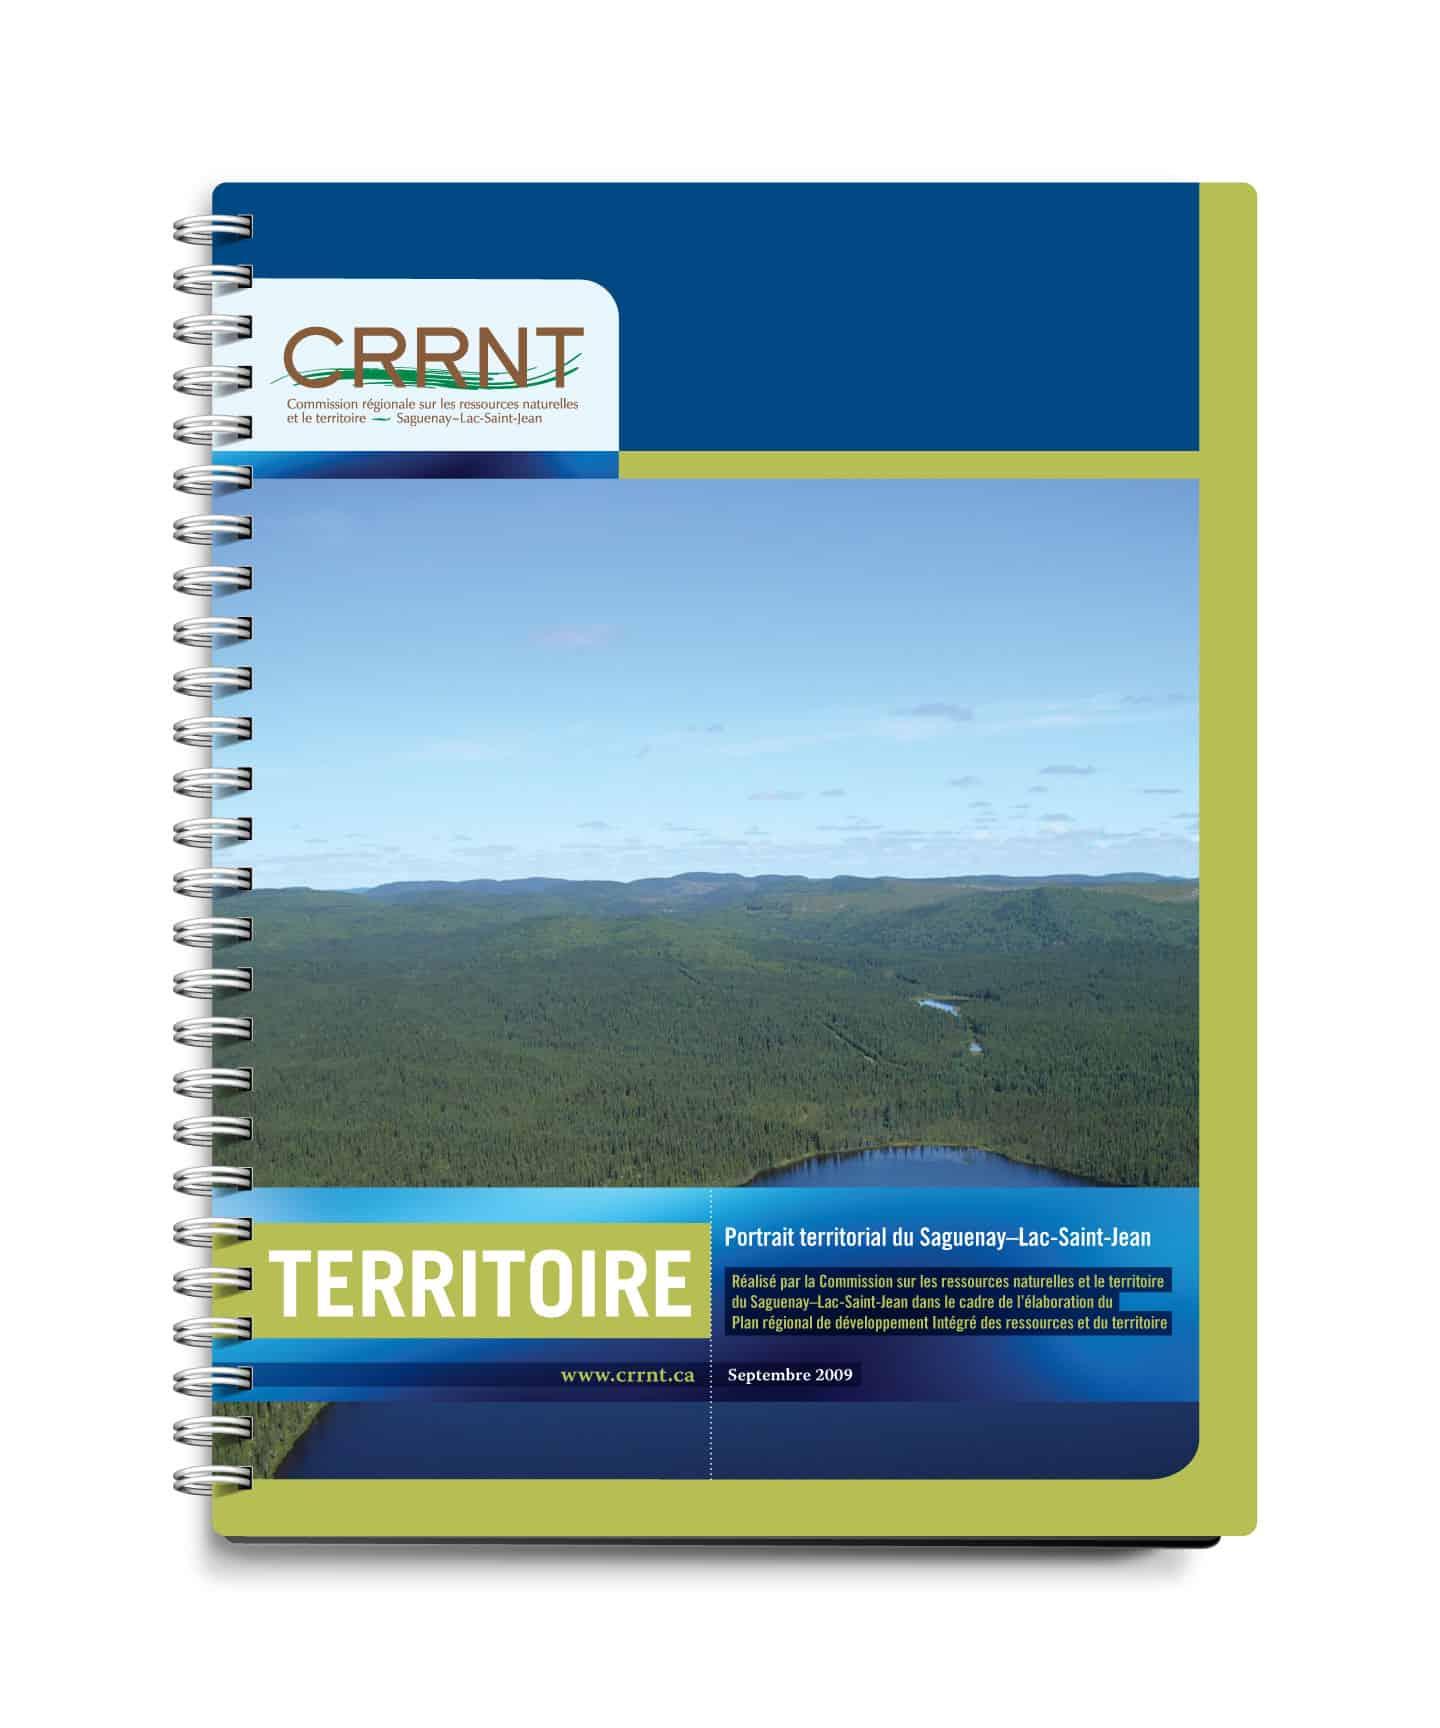 CRRNT - Graphisme couvert par Cyan concept - Territoire